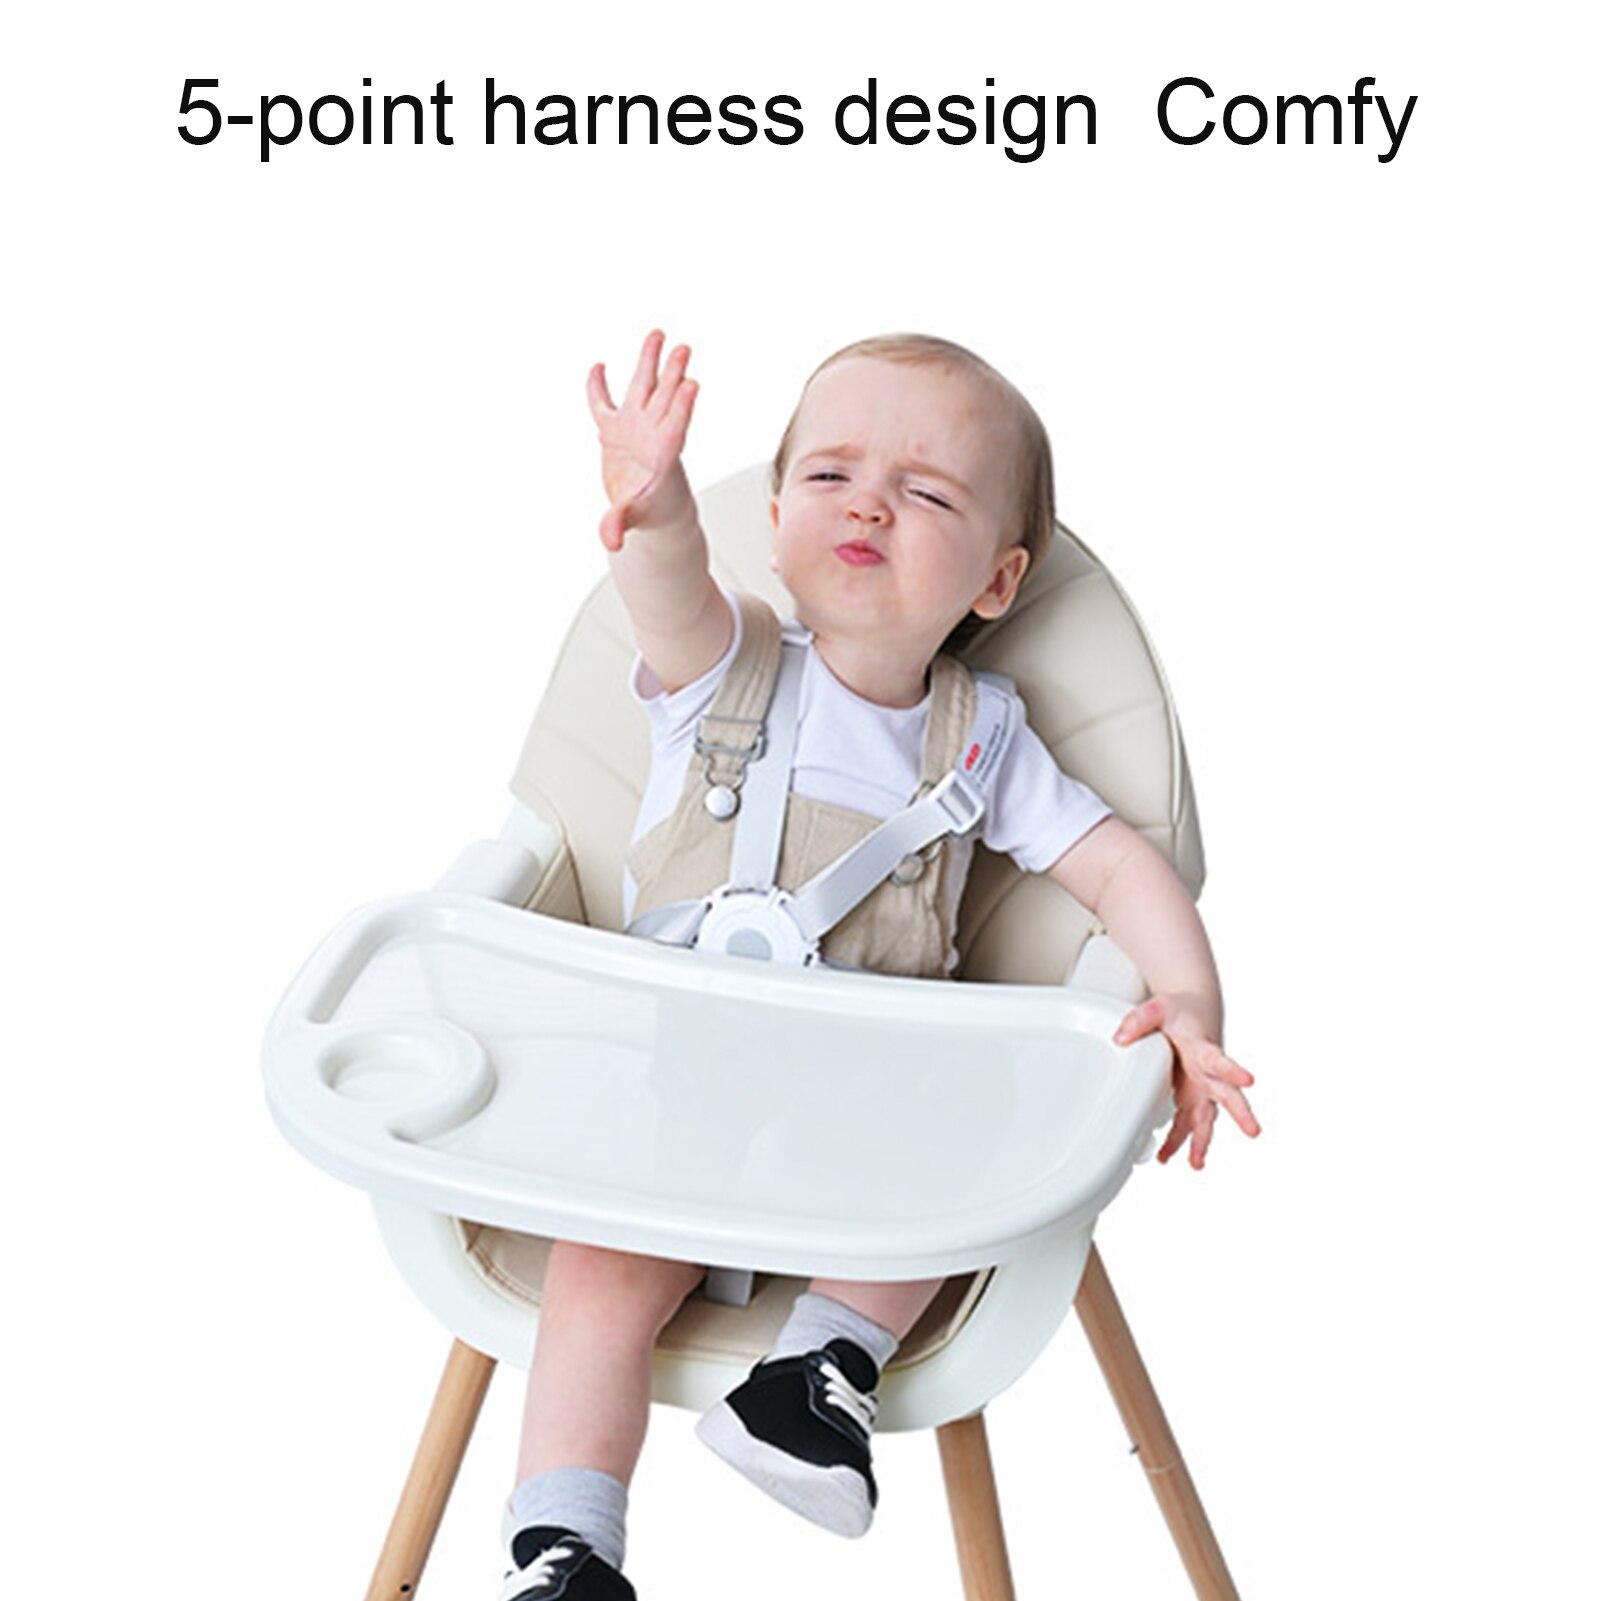 Детский высокий стул, подлинный портативный стул для кормления, детский высокий стул, Многофункциональный Детский обеденный стул 2